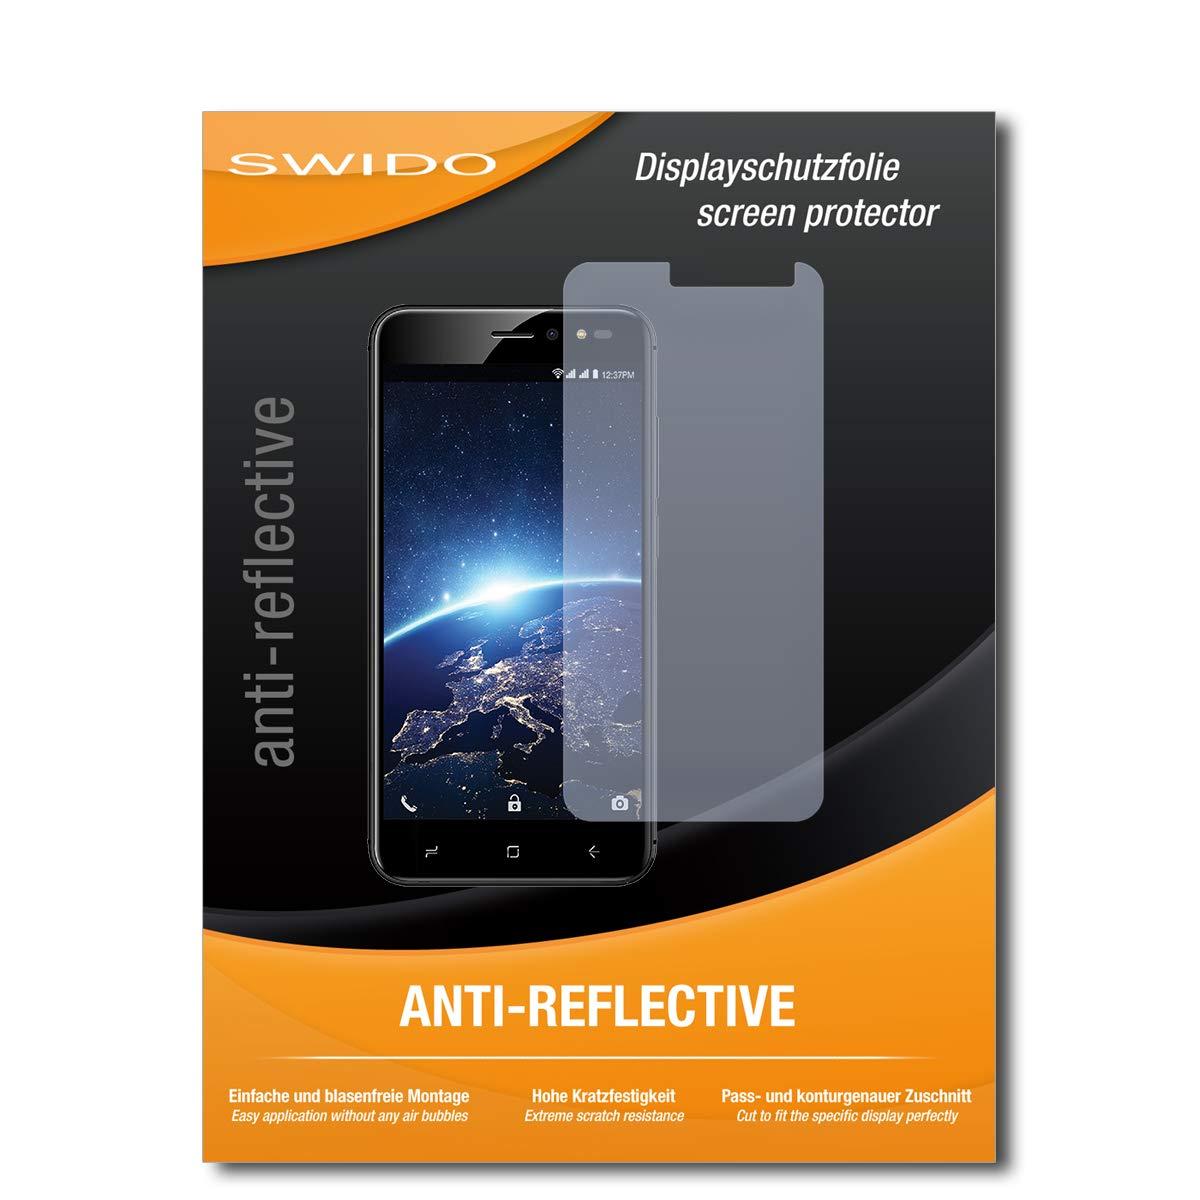 Intex Indie 15用SWIDOスクリーンプロテクター[2枚組]反射防止マット高硬度傷防止/スクリーンプロテクター/強化ガラスフィルム   B07MZYCD7H